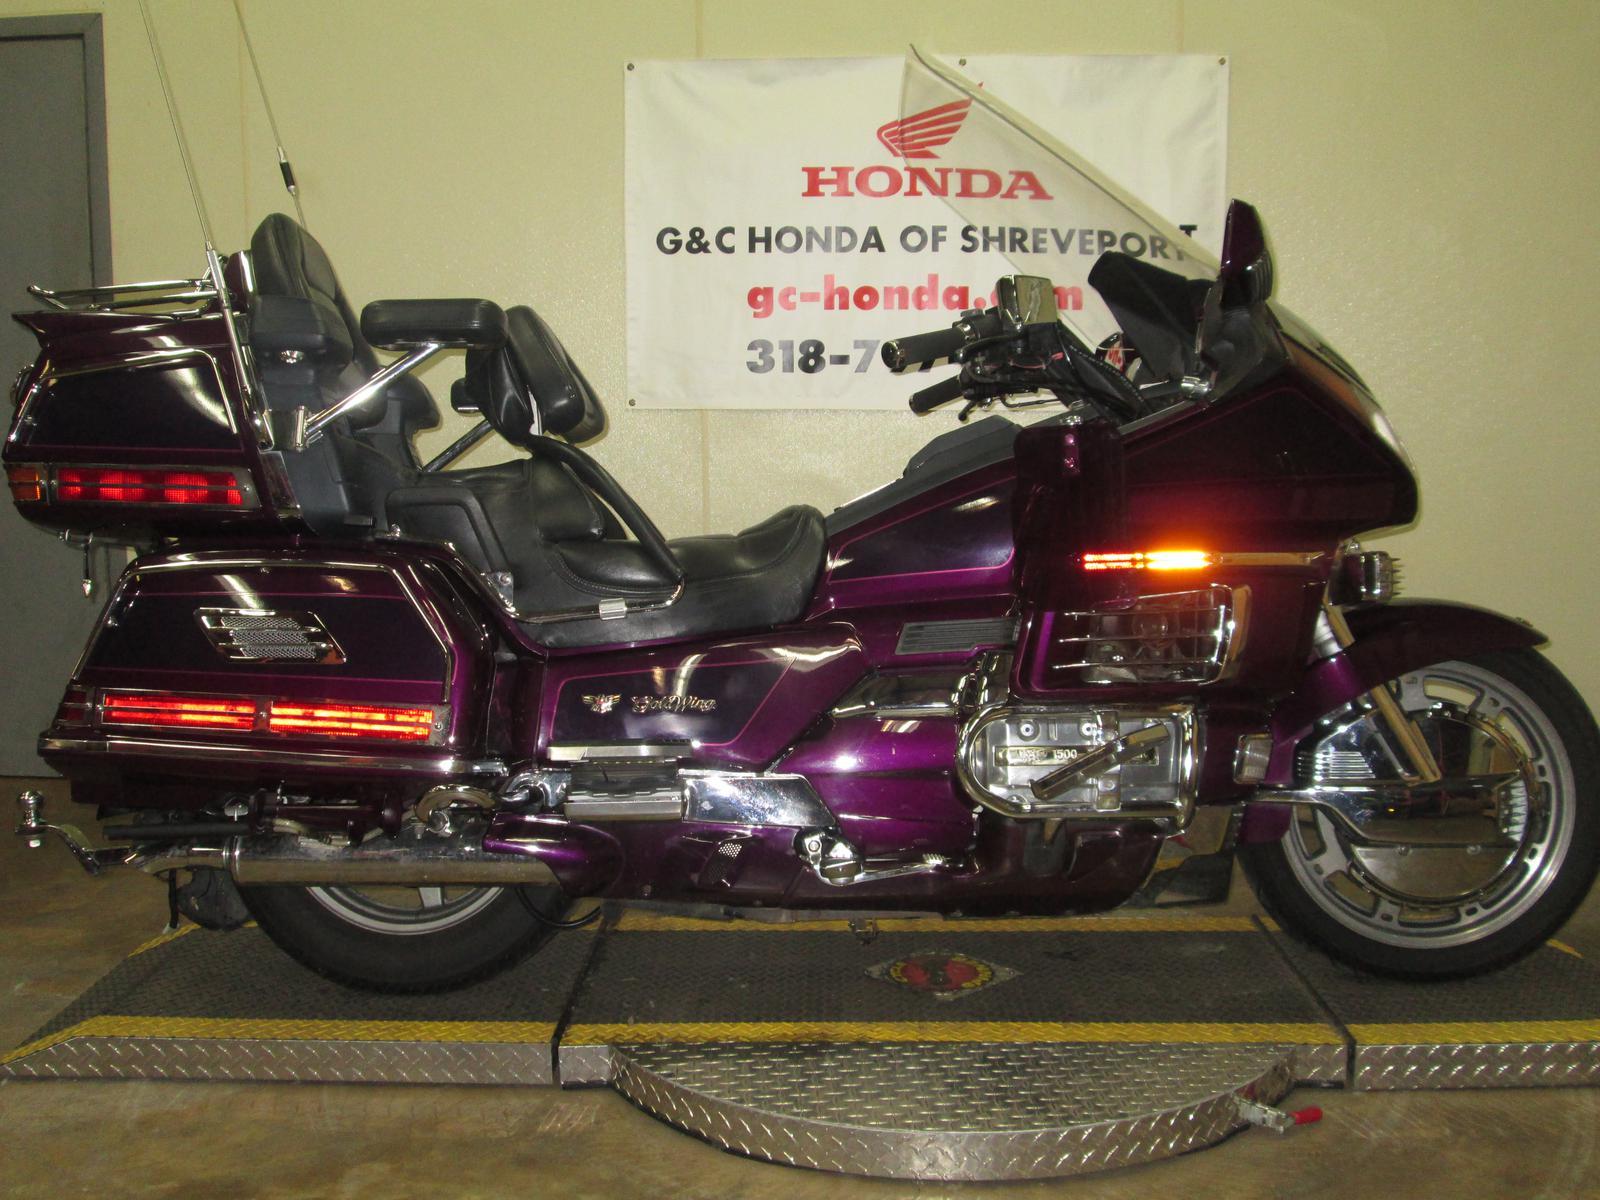 1996 Honda GL1500 for sale in Shreveport, LA. G&C Honda of ...